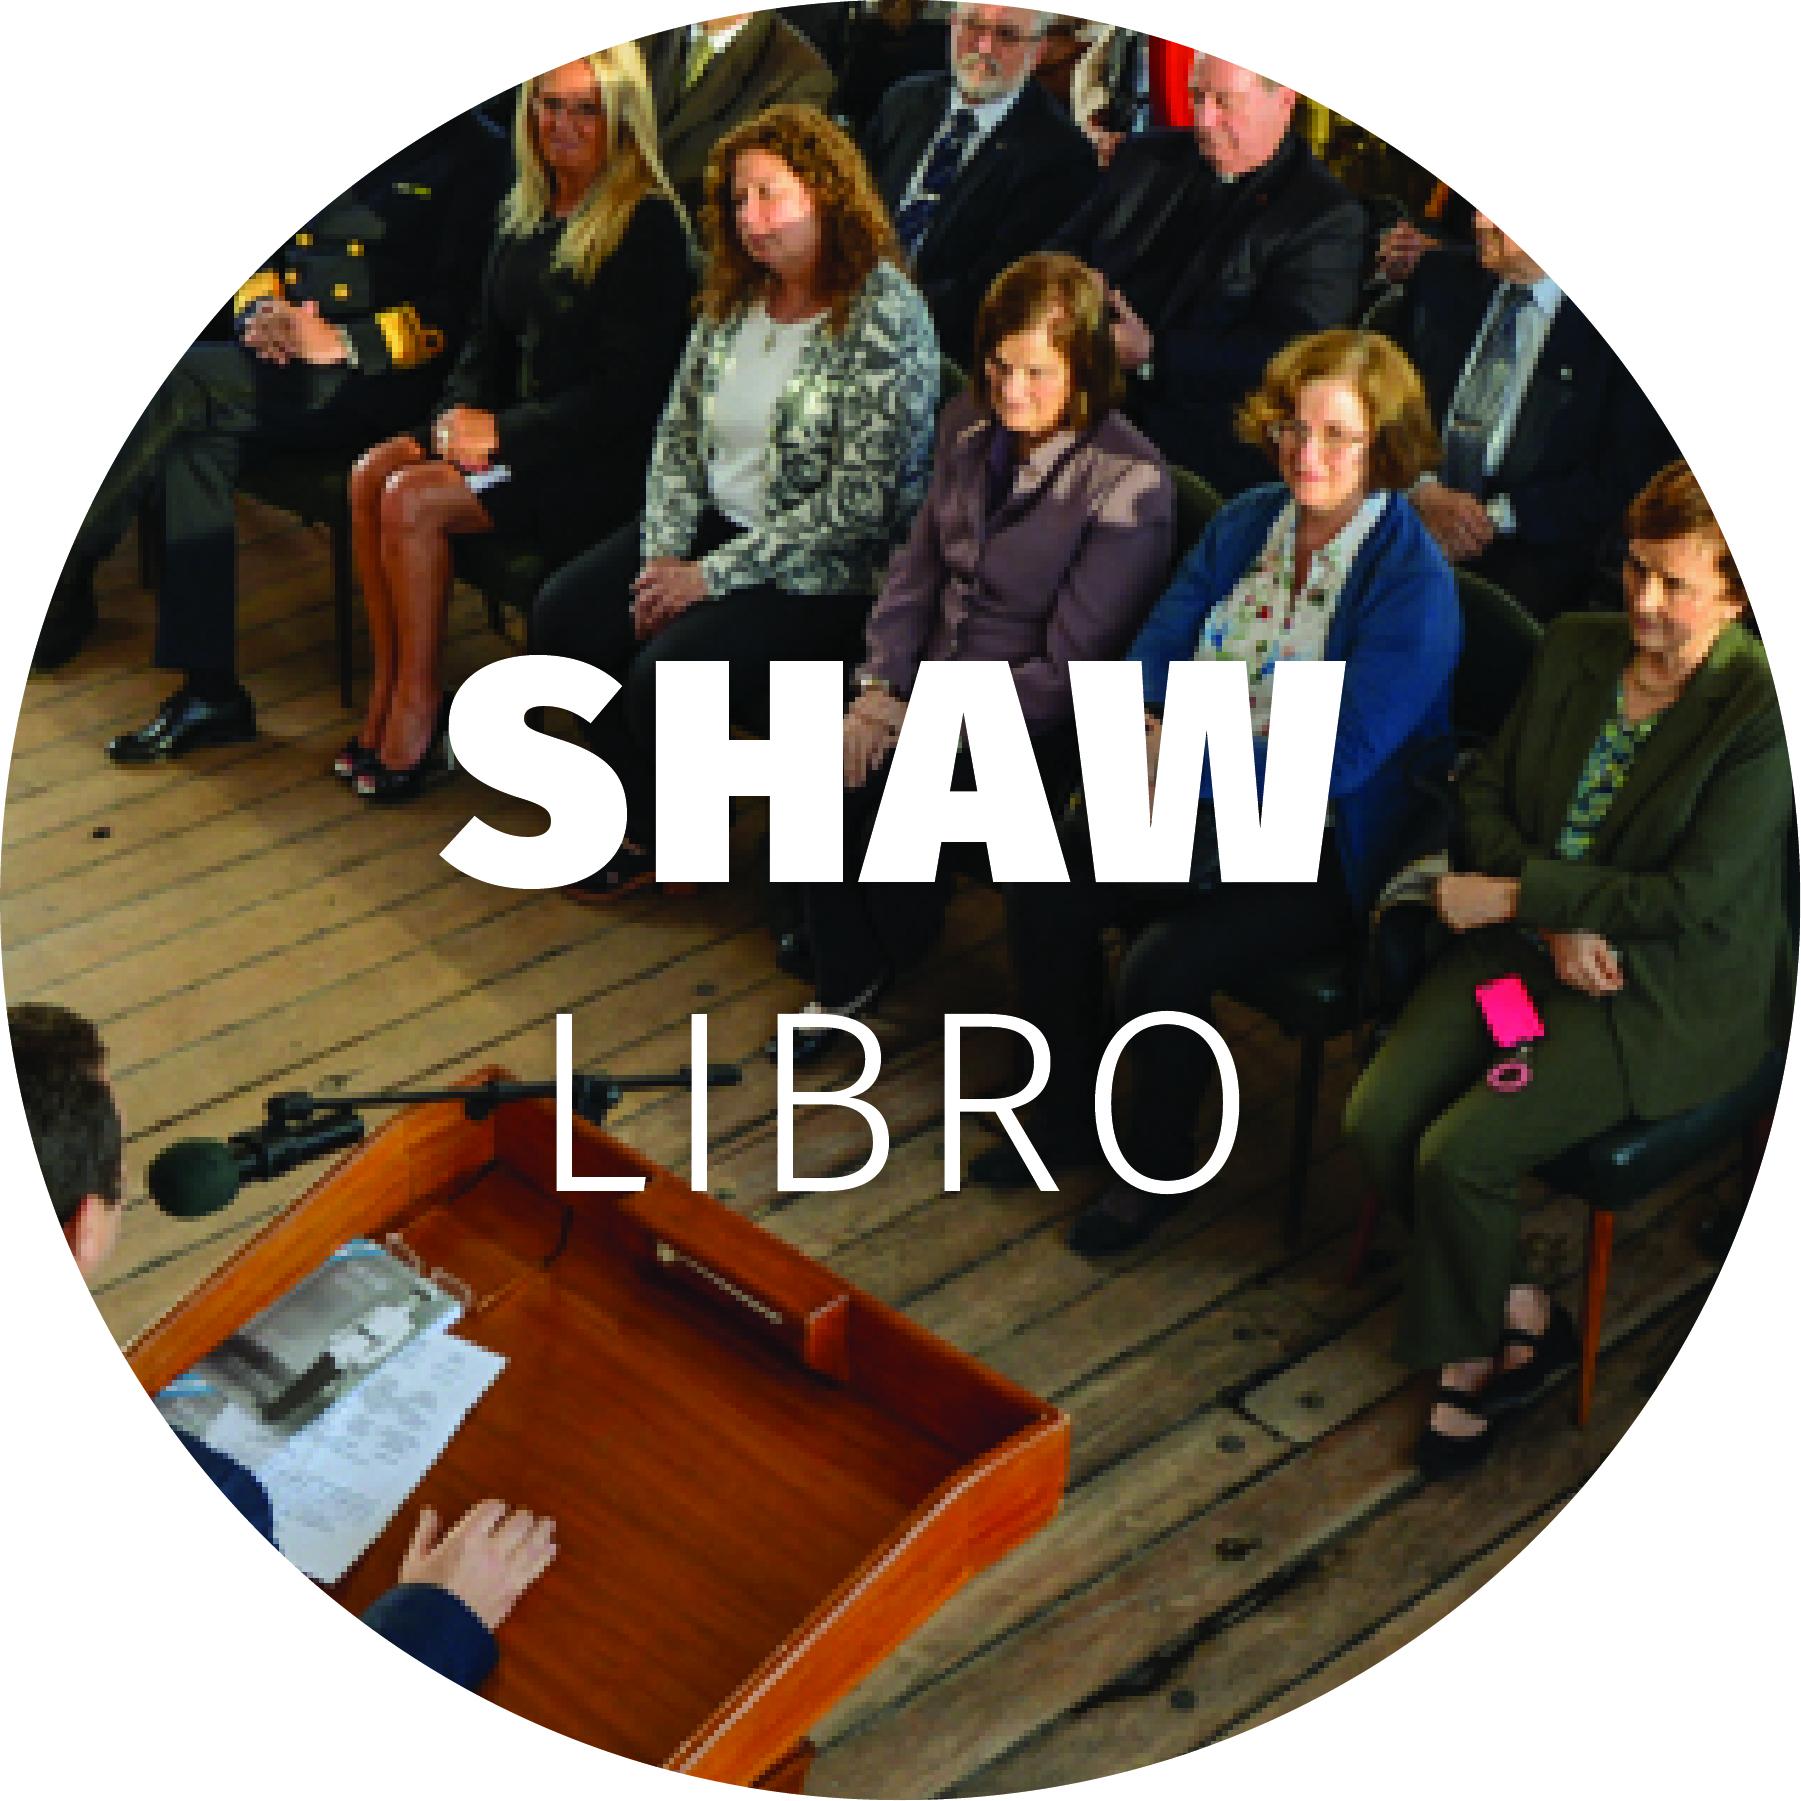 """Shaw – Libro - Diseño interior y de tapa del libro """"Shaw"""", así como diseño de banner para presentación del libro."""